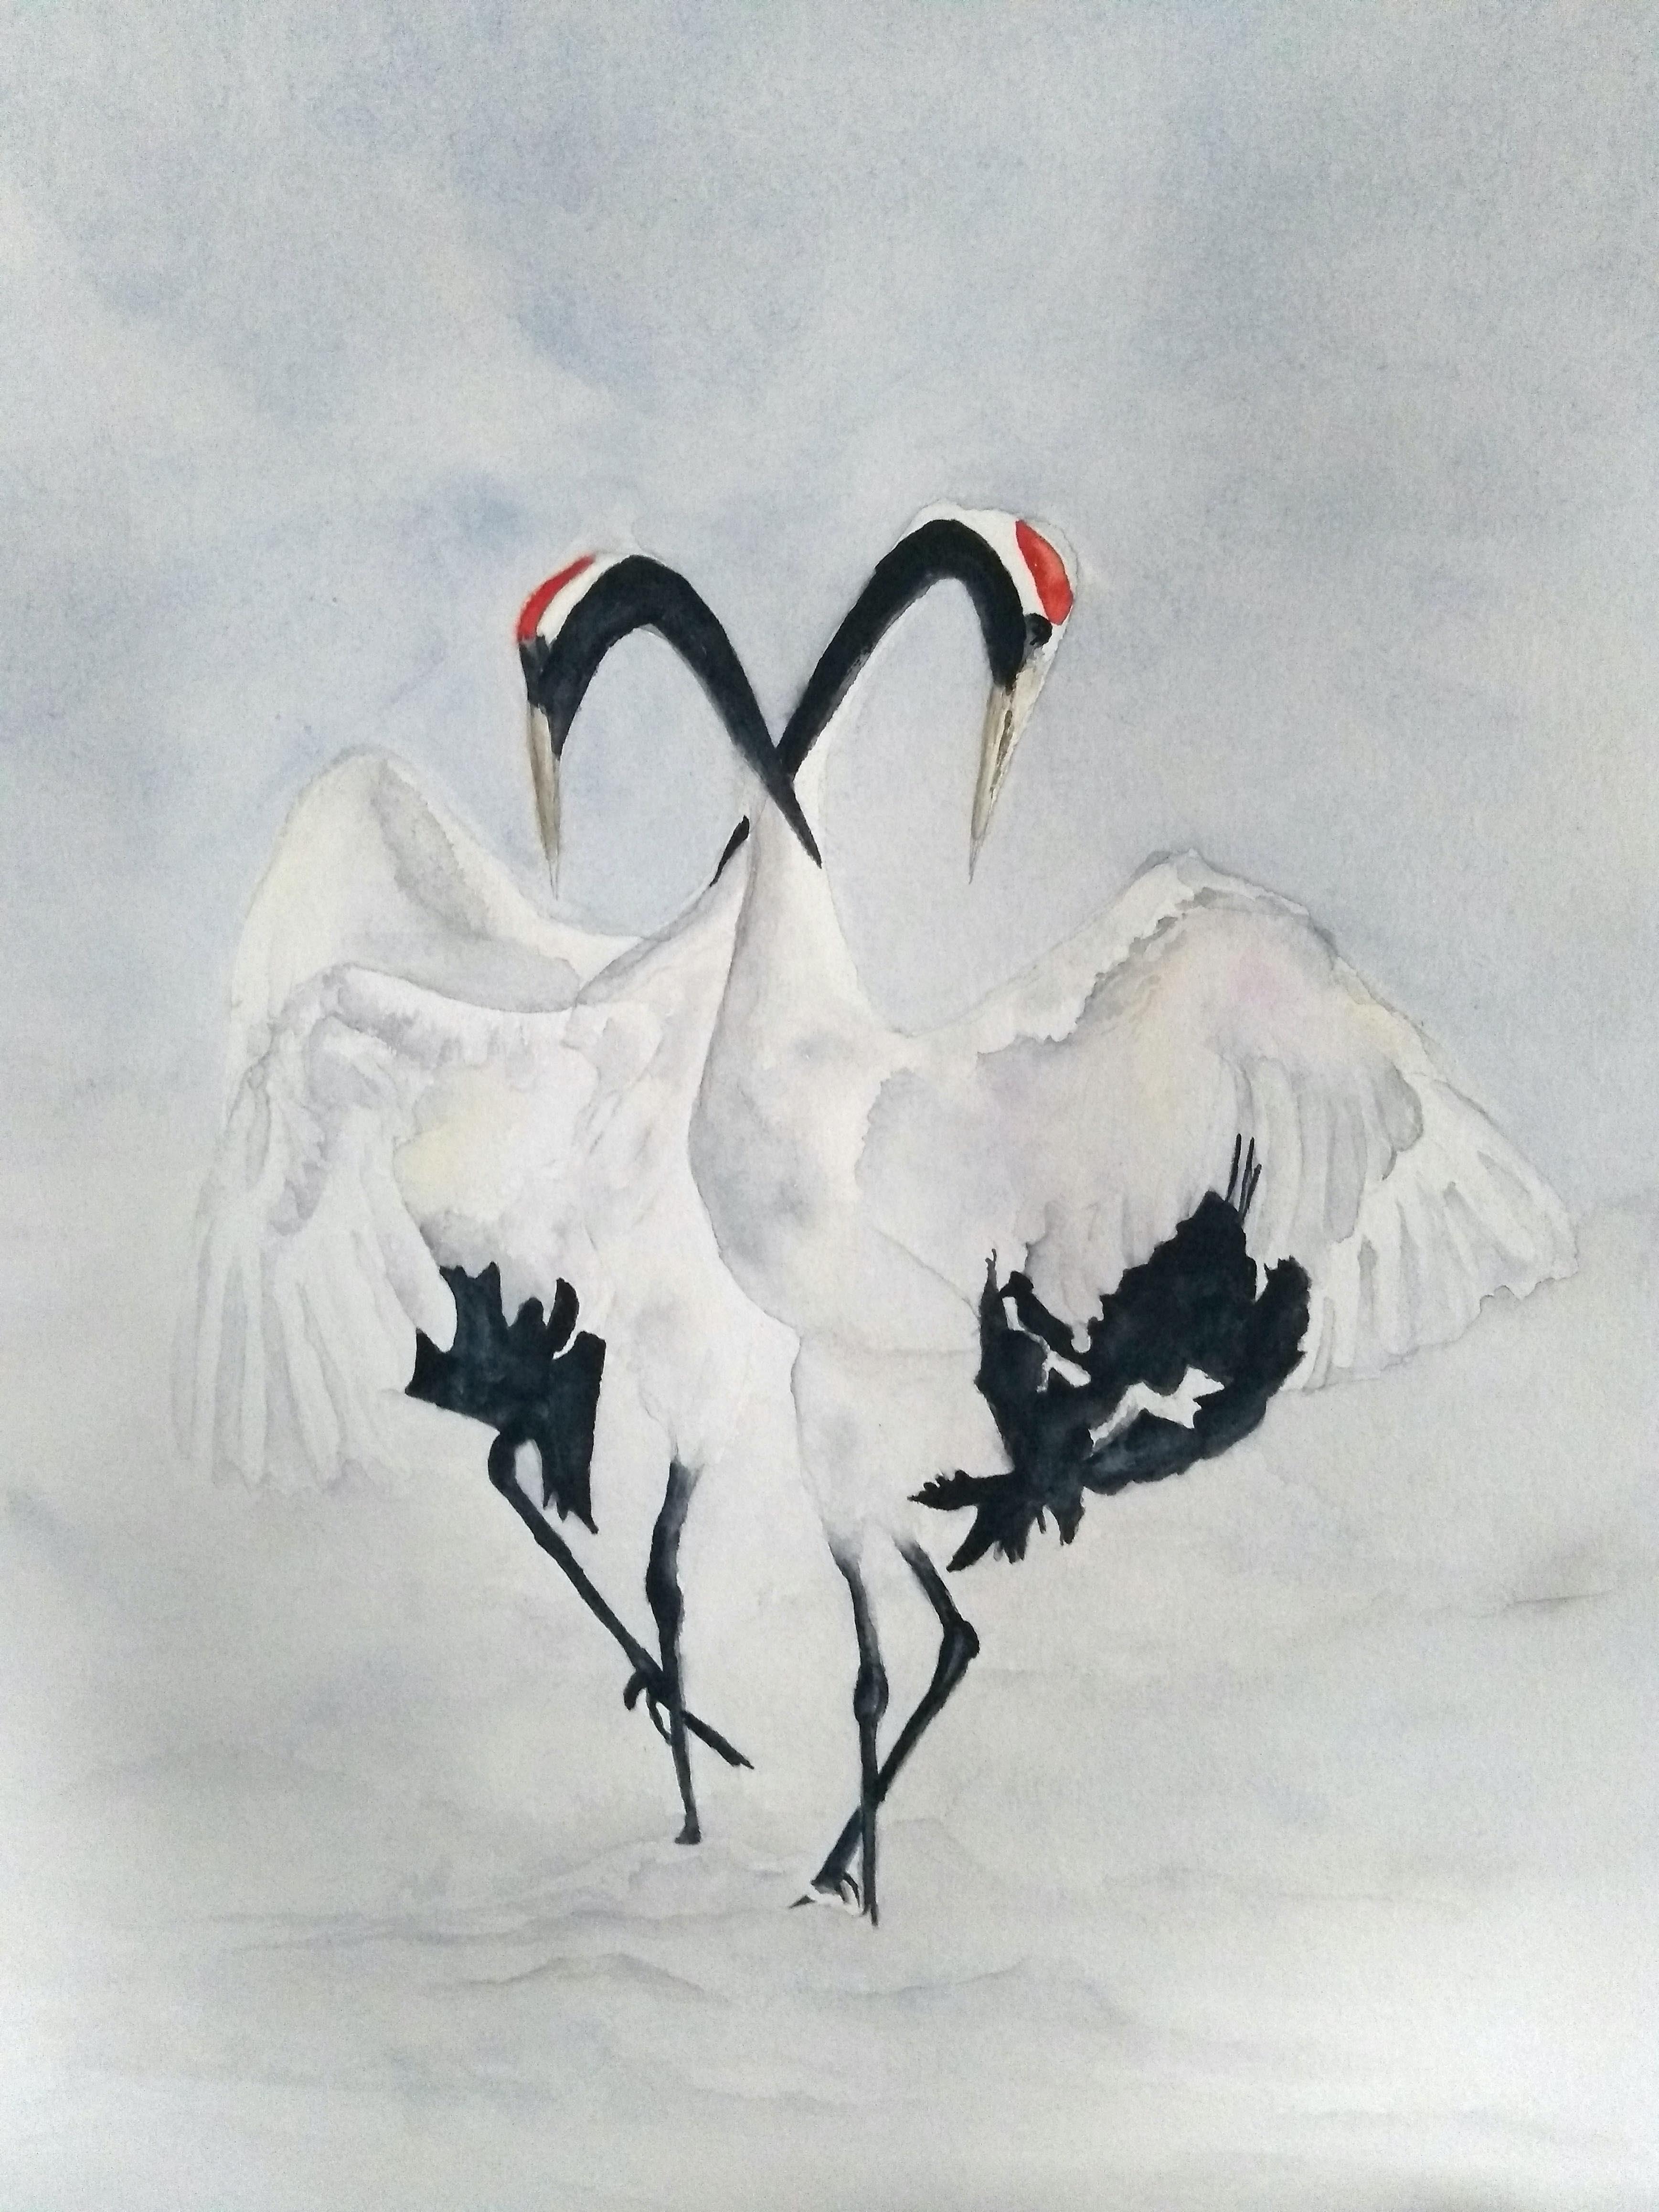 Kraanvogels in sneeuw